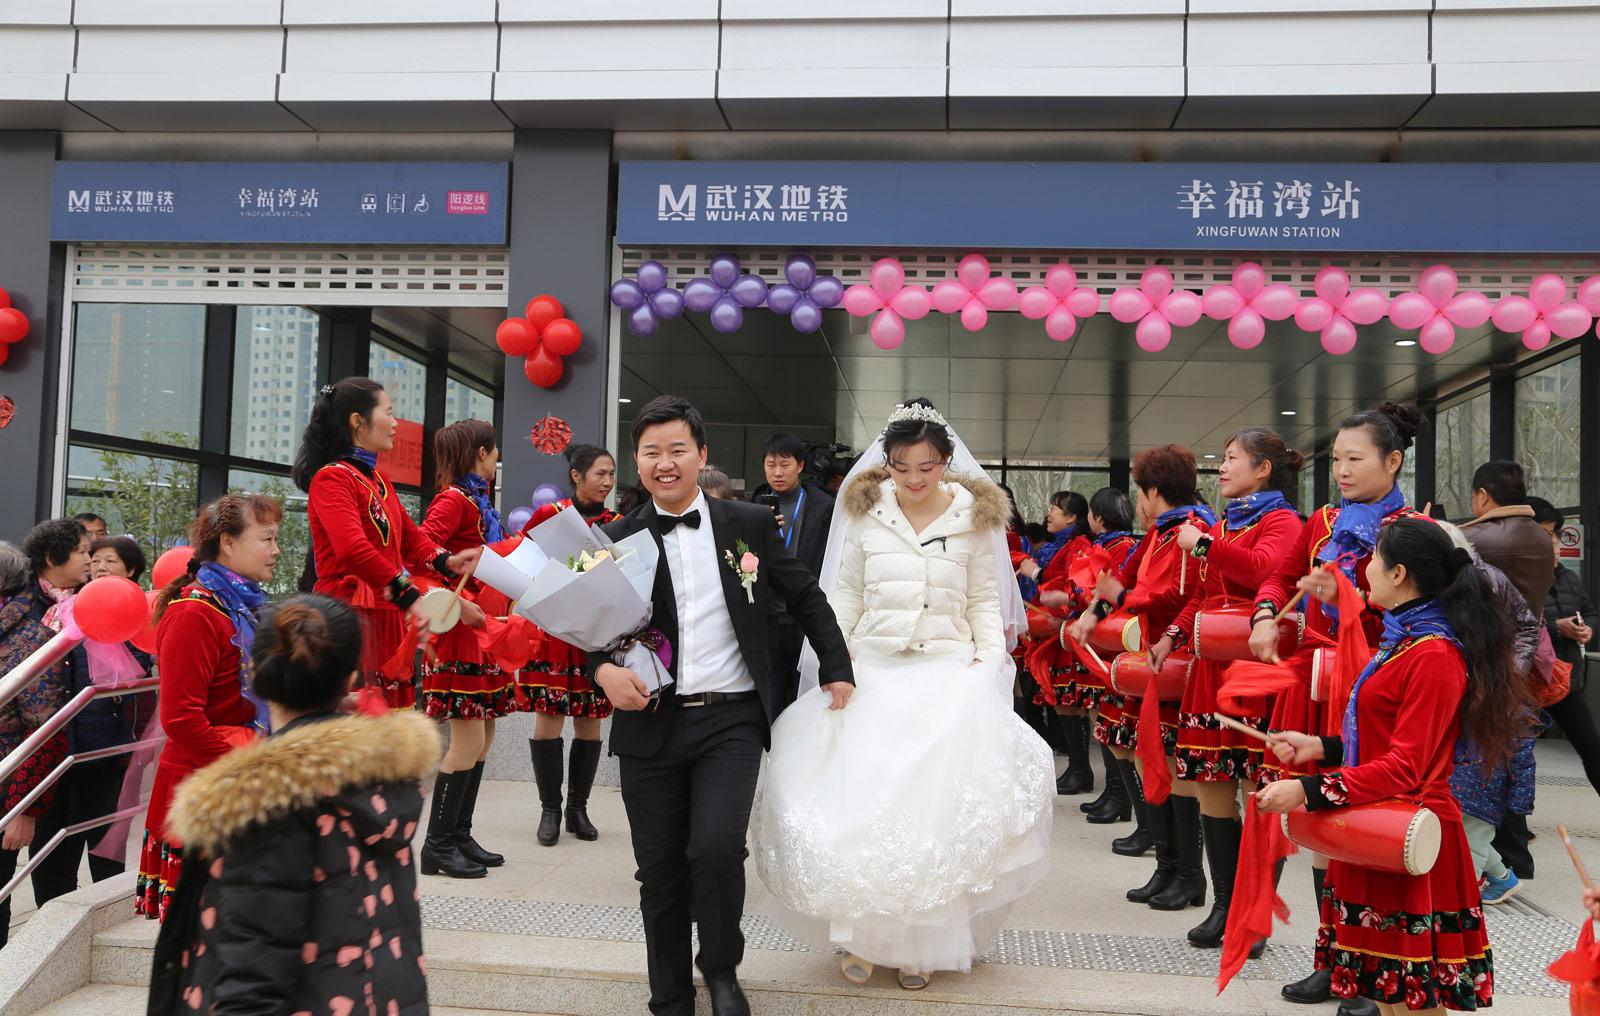 2018年元旦前夕,武汉地铁21号线(阳逻线)后湖大道站站厅举行了一场充满浓郁地铁特色的集体婚礼,21对新人步入婚姻殿堂。图为一对新人走出幸福湾站。(连迅 摄)